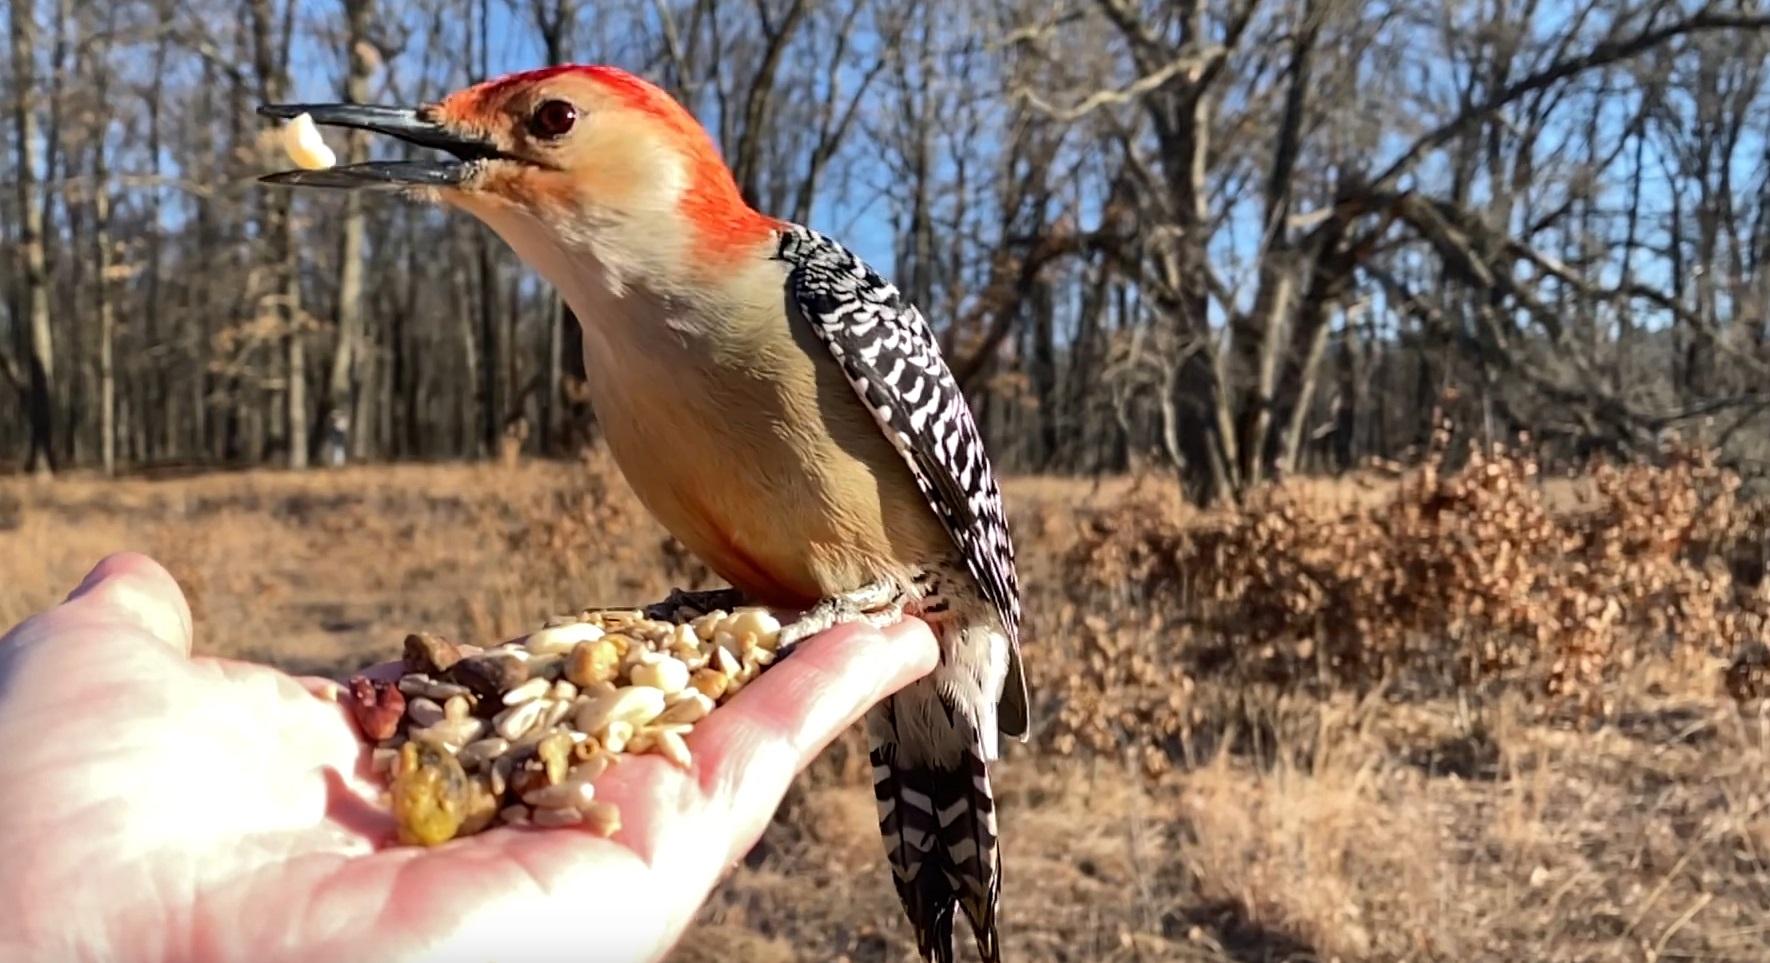 Feeding Red-bellied Woodpecker In Slo Mo